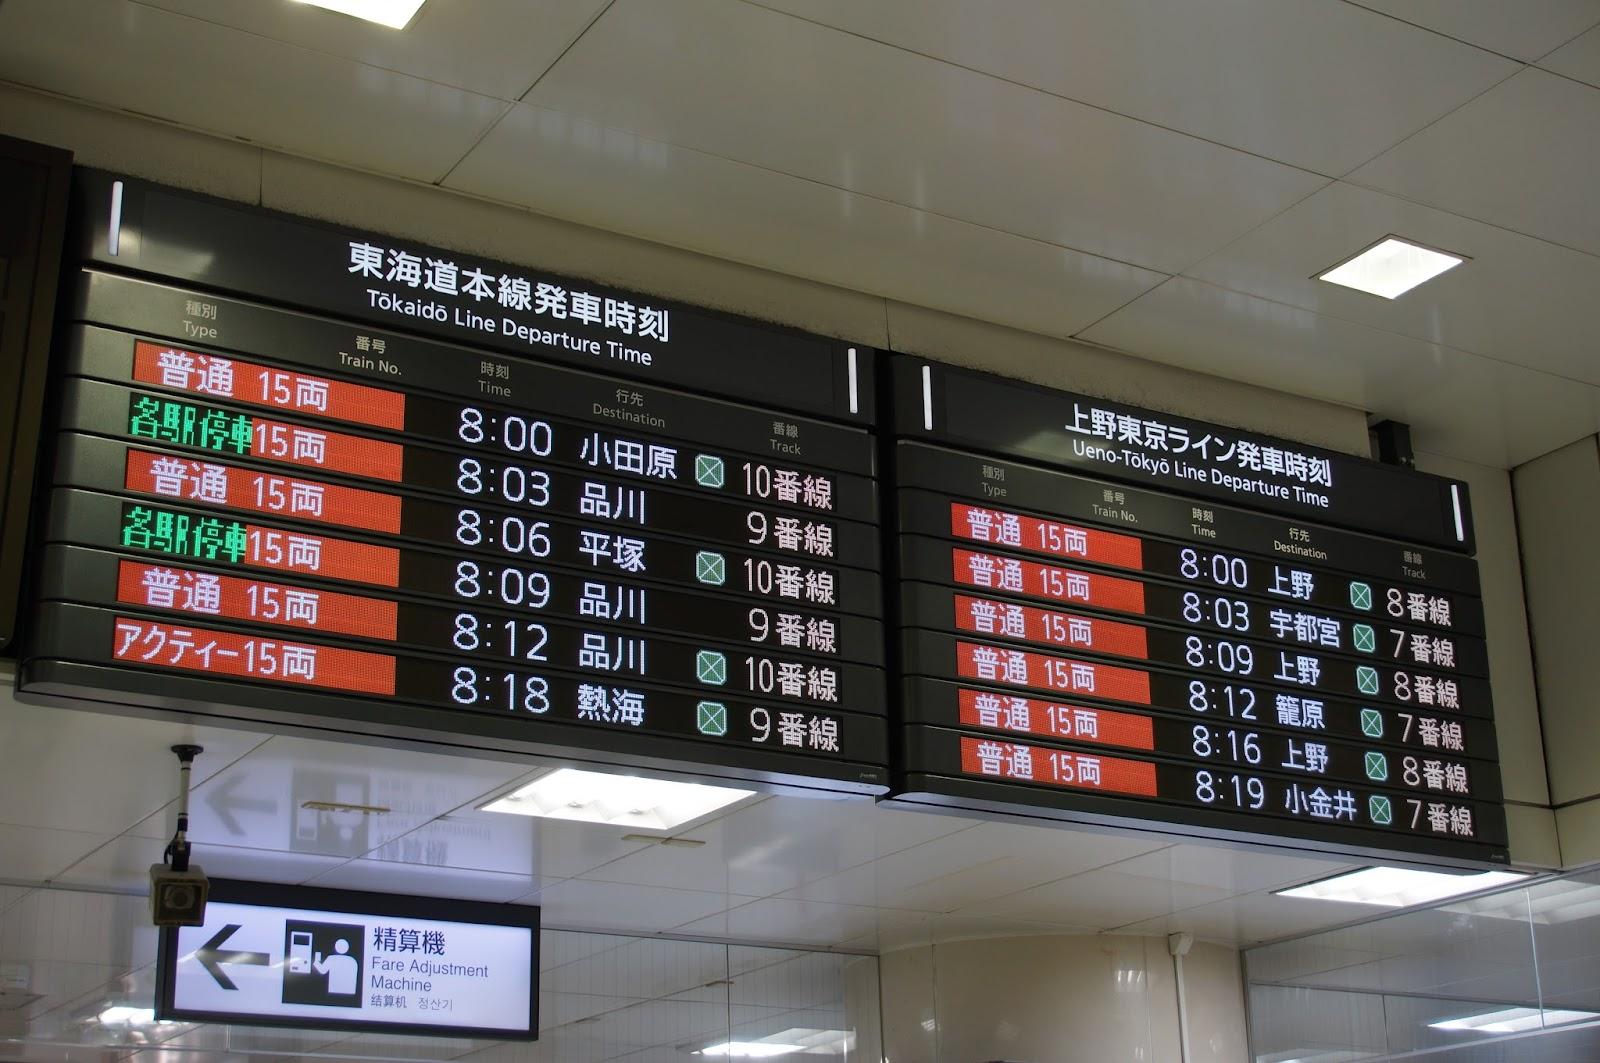 上野東京ライン東京駅のラッシュ時の電光掲示板